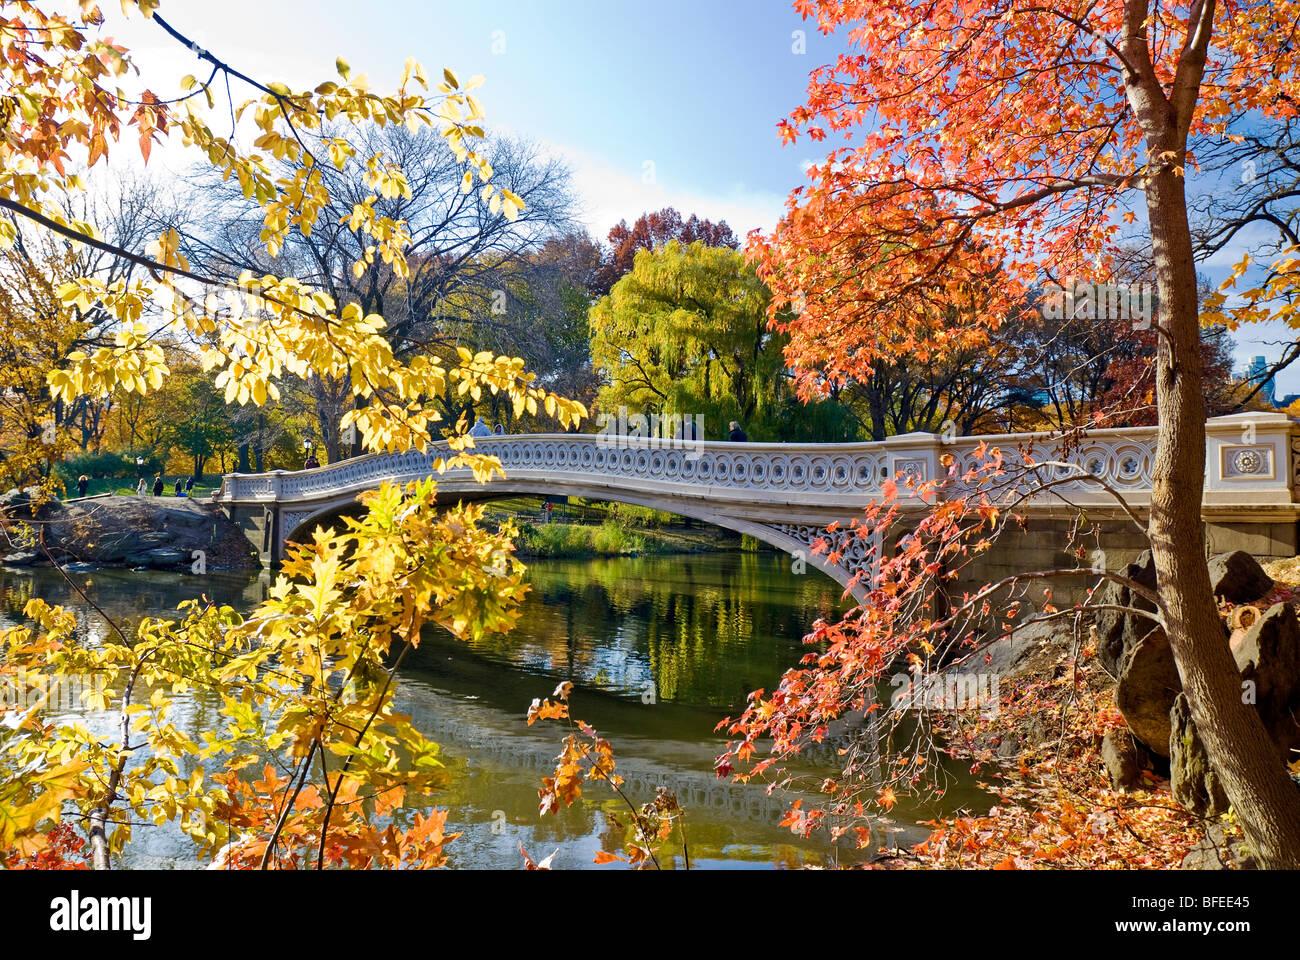 Puente de arco en otoño, Central Park, la ciudad de Nueva York. Foto de stock